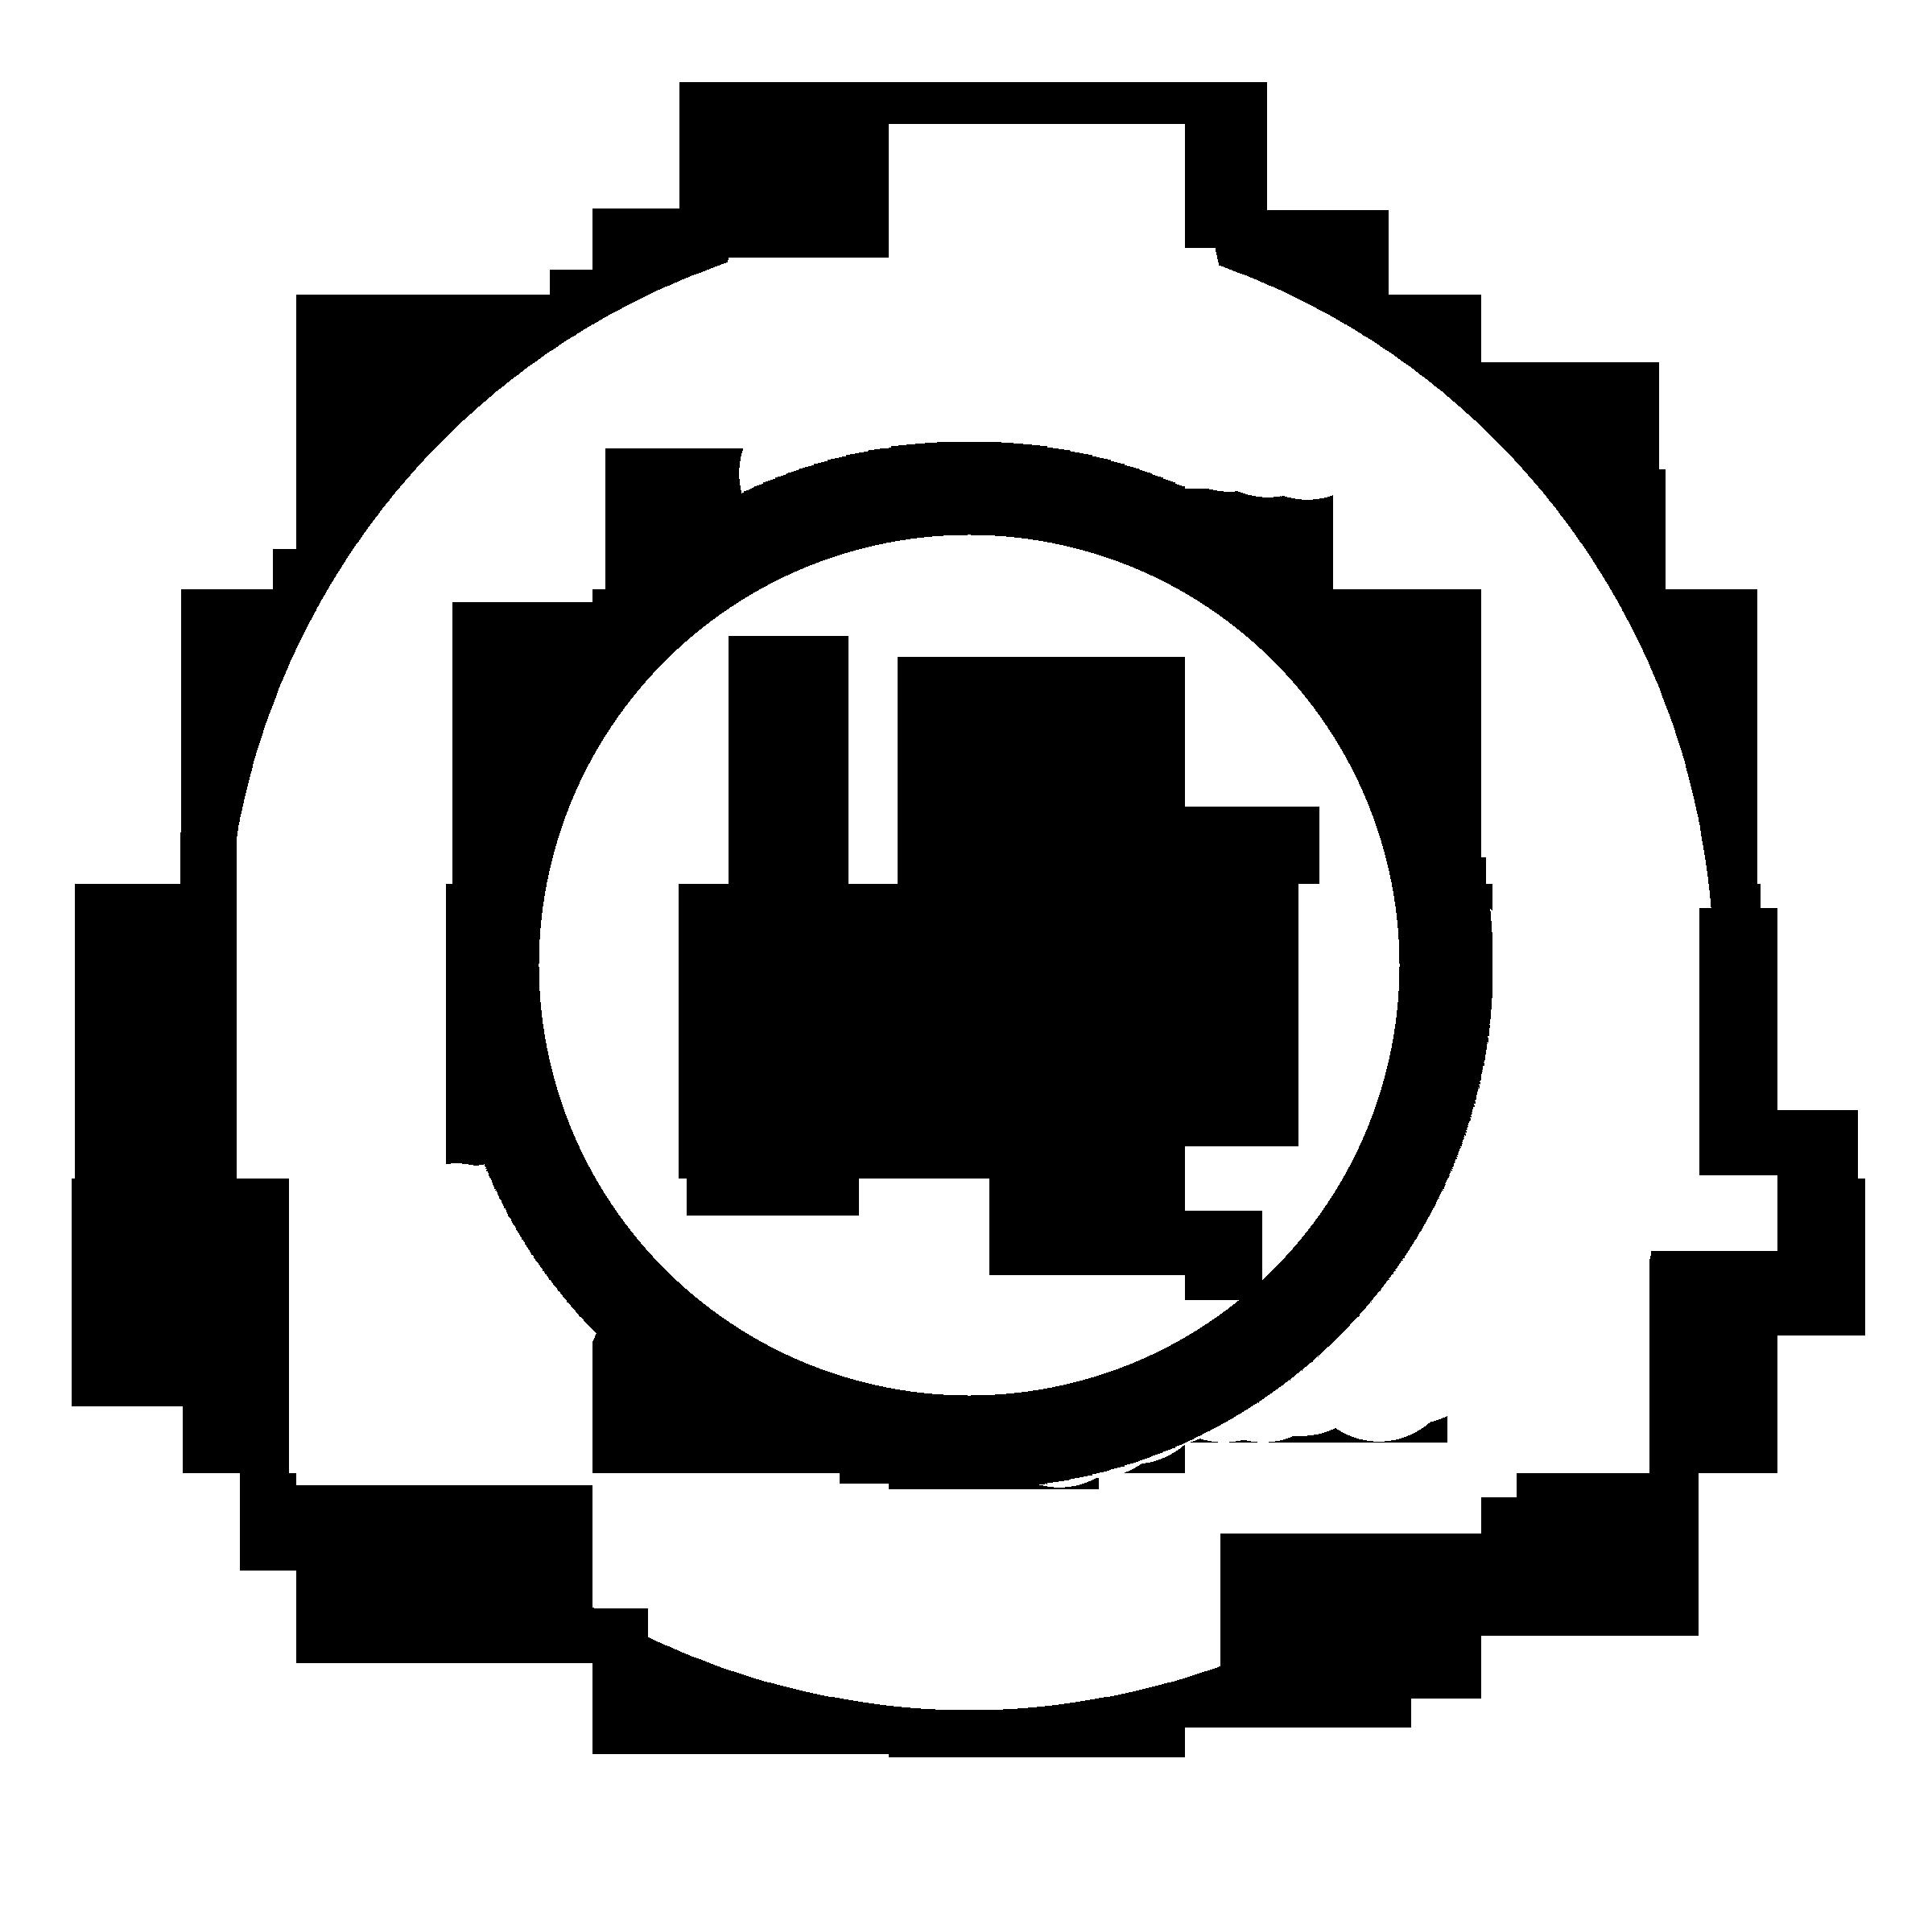 Emblema_Escritor.png